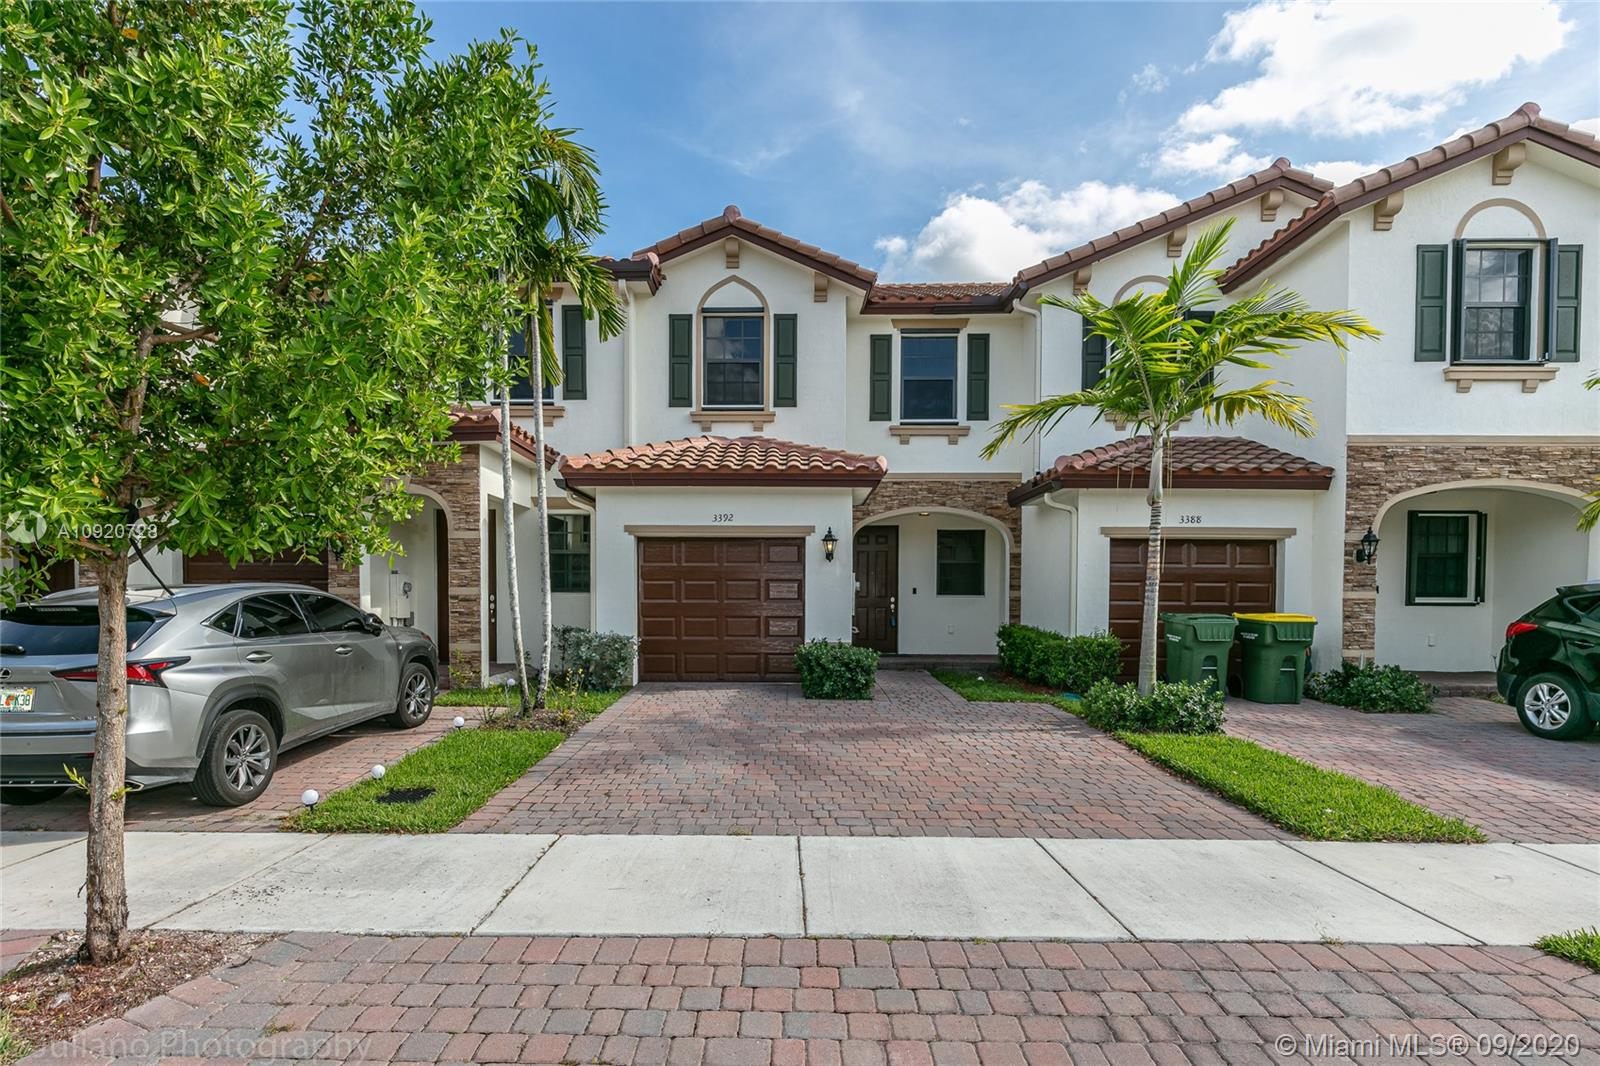 3392 SE 1st St #3392 Property Photo